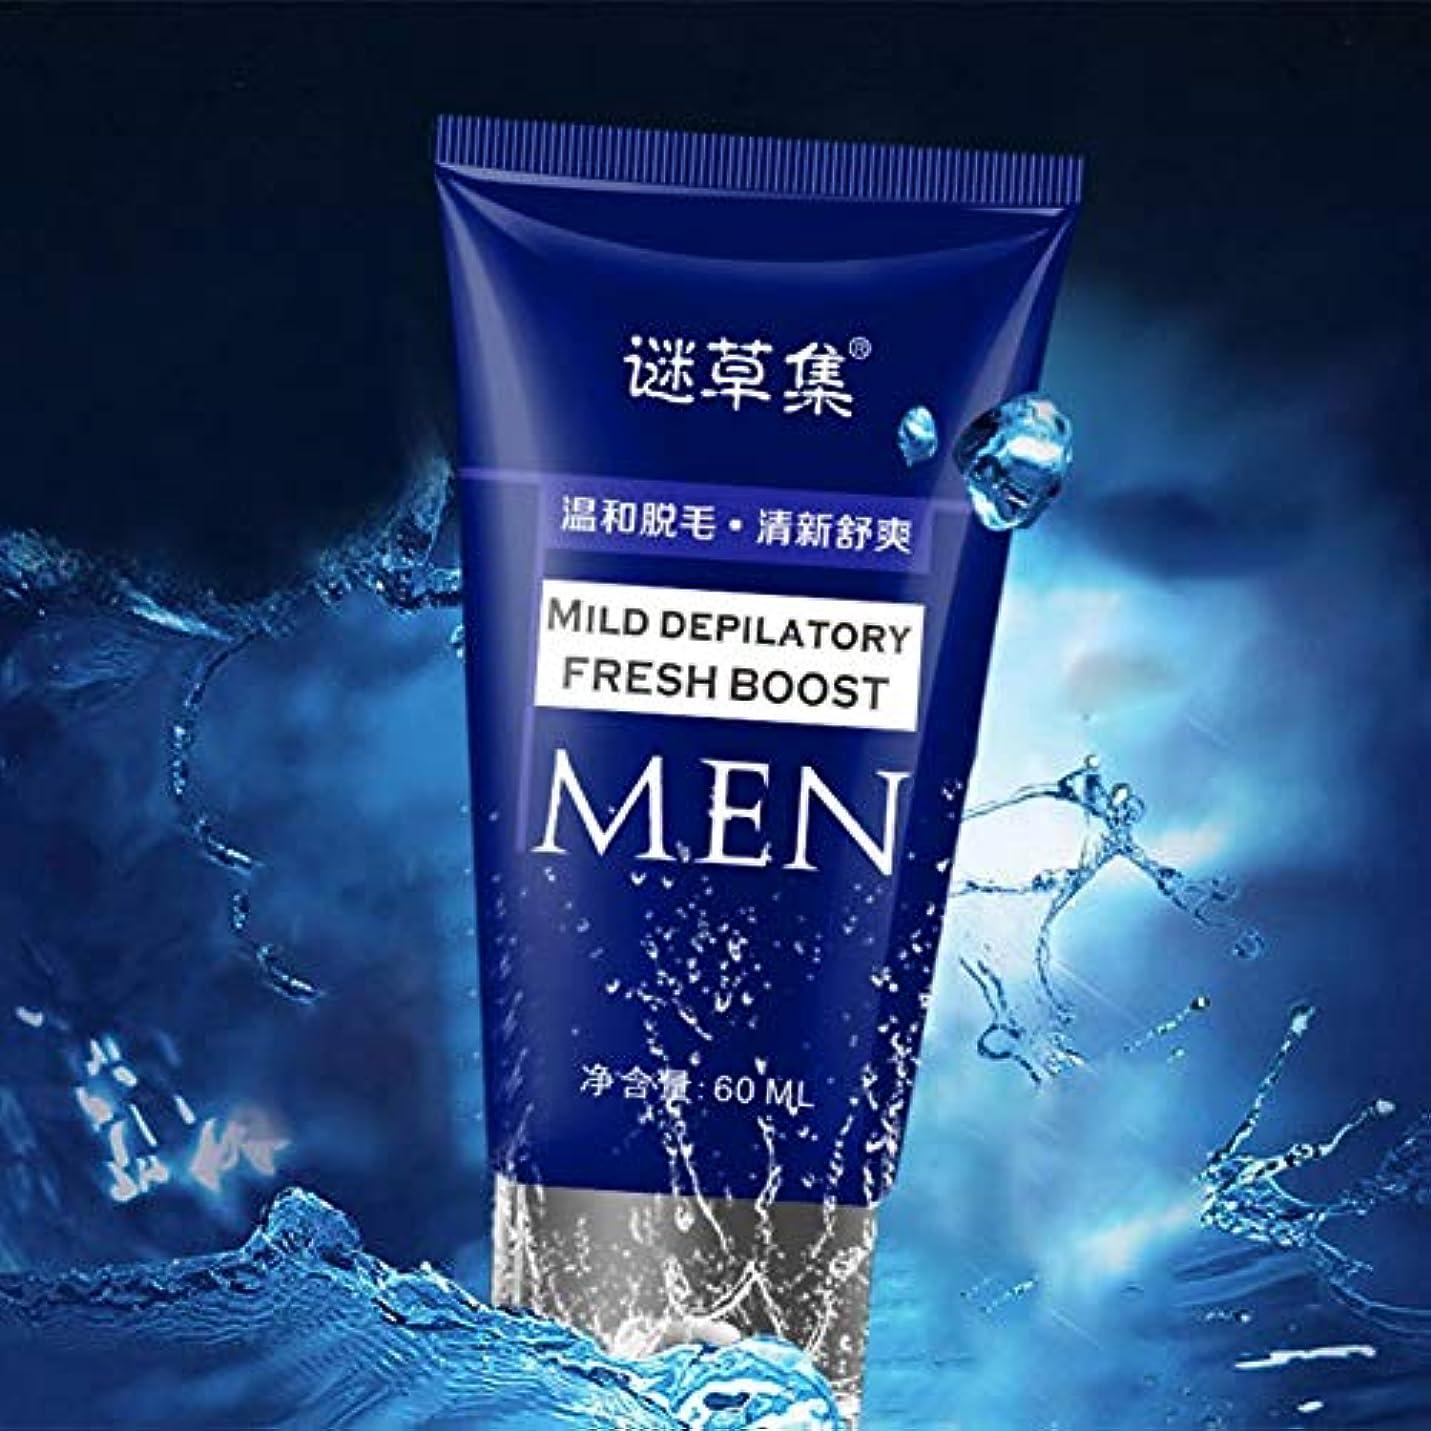 戸棚アカデミック比類なき60ml 薬用除毛剤 除毛 脱毛クリーム 無痛無害 メンズ 敏感肌用 すべての肌タイプ 使用可能